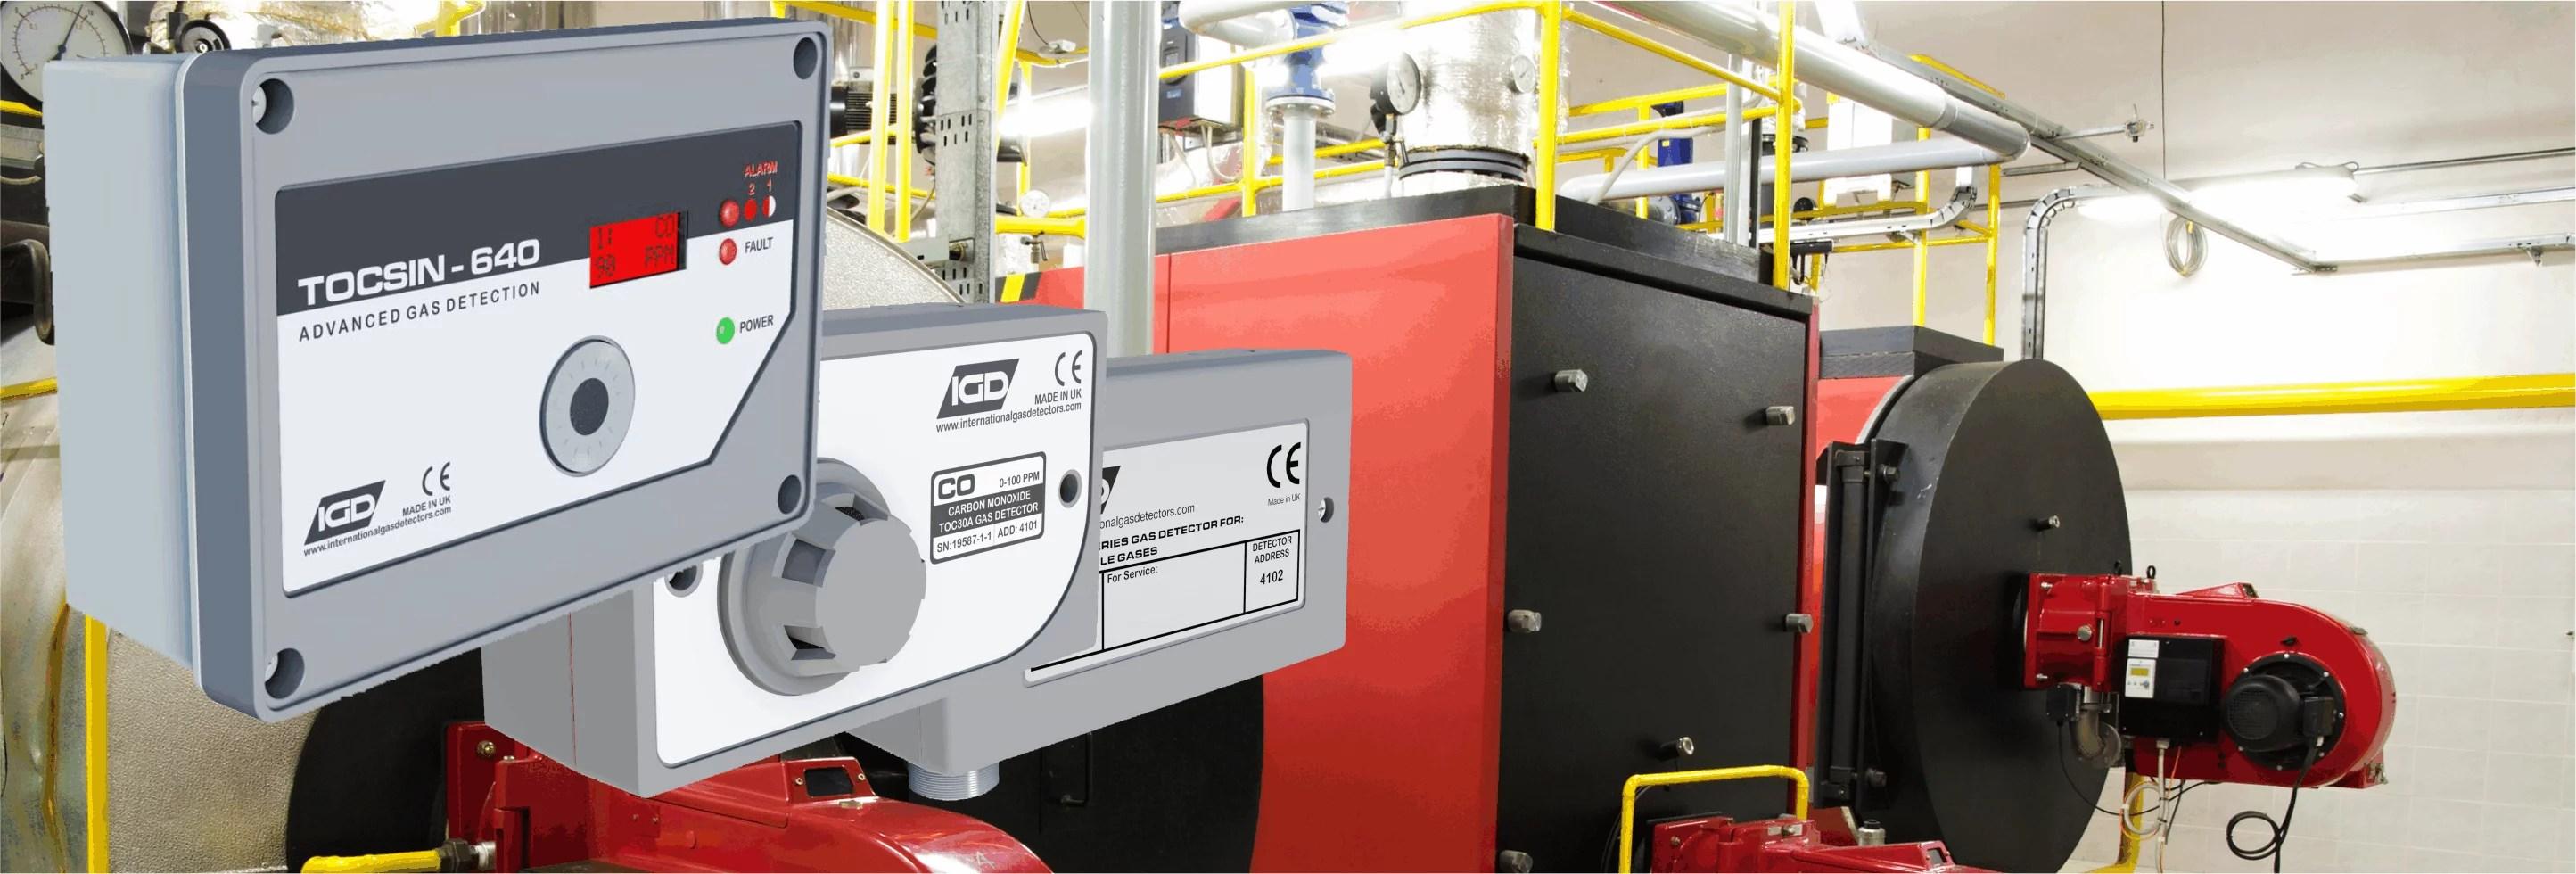 Boiler Plant Banner